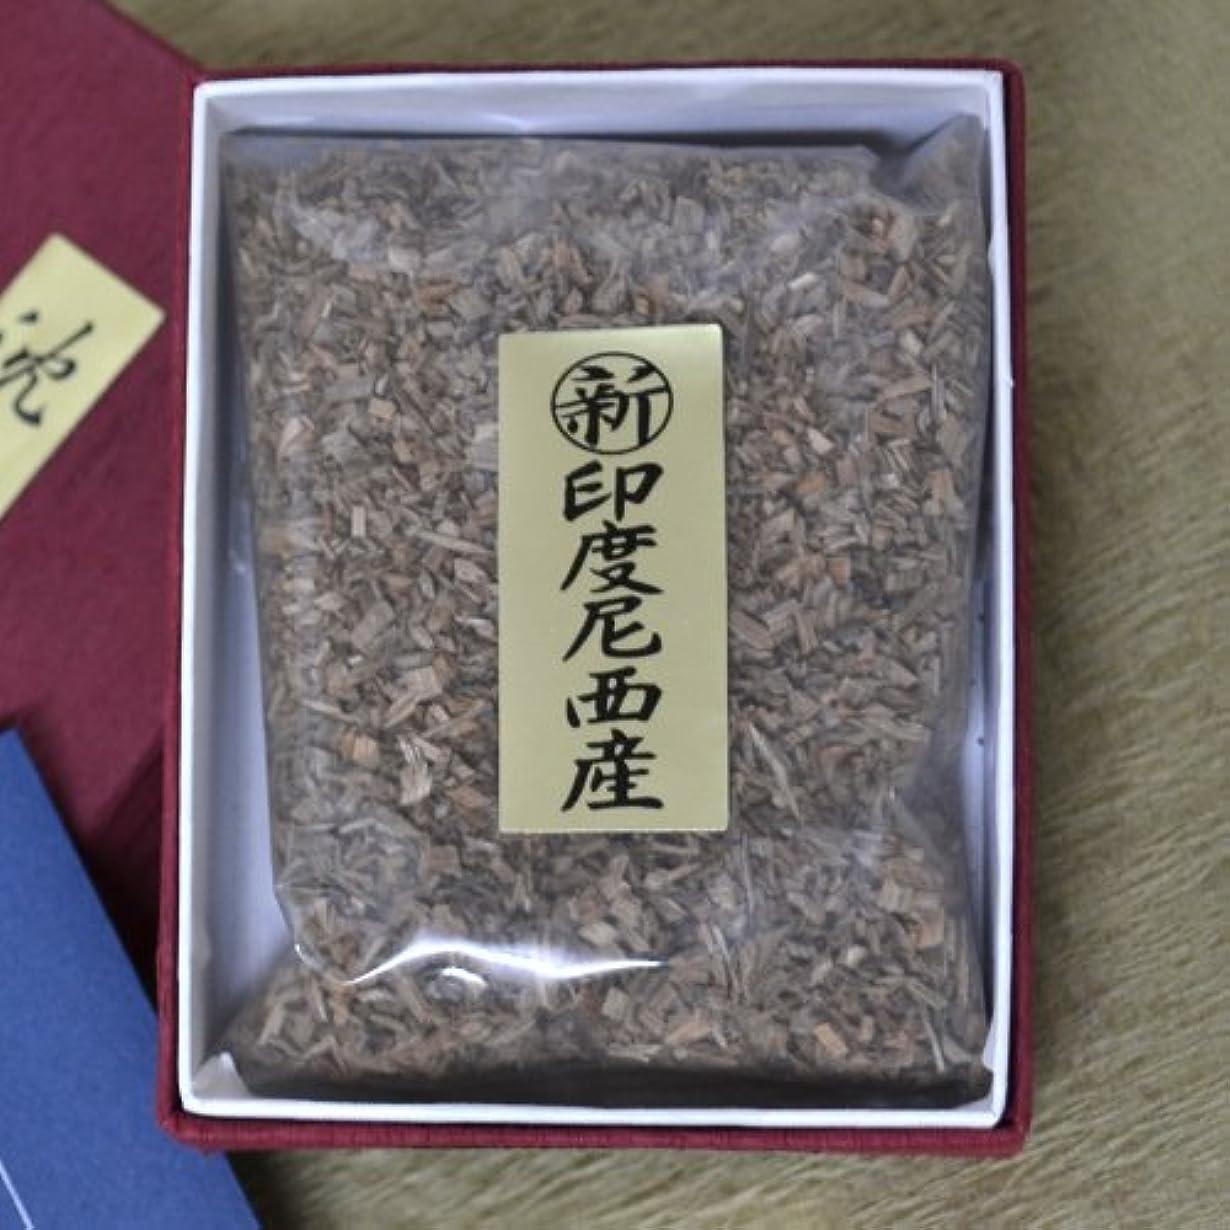 実業家飲料他に香木 お焼香 新インドネシア産 沈香 【最高級品】 18g